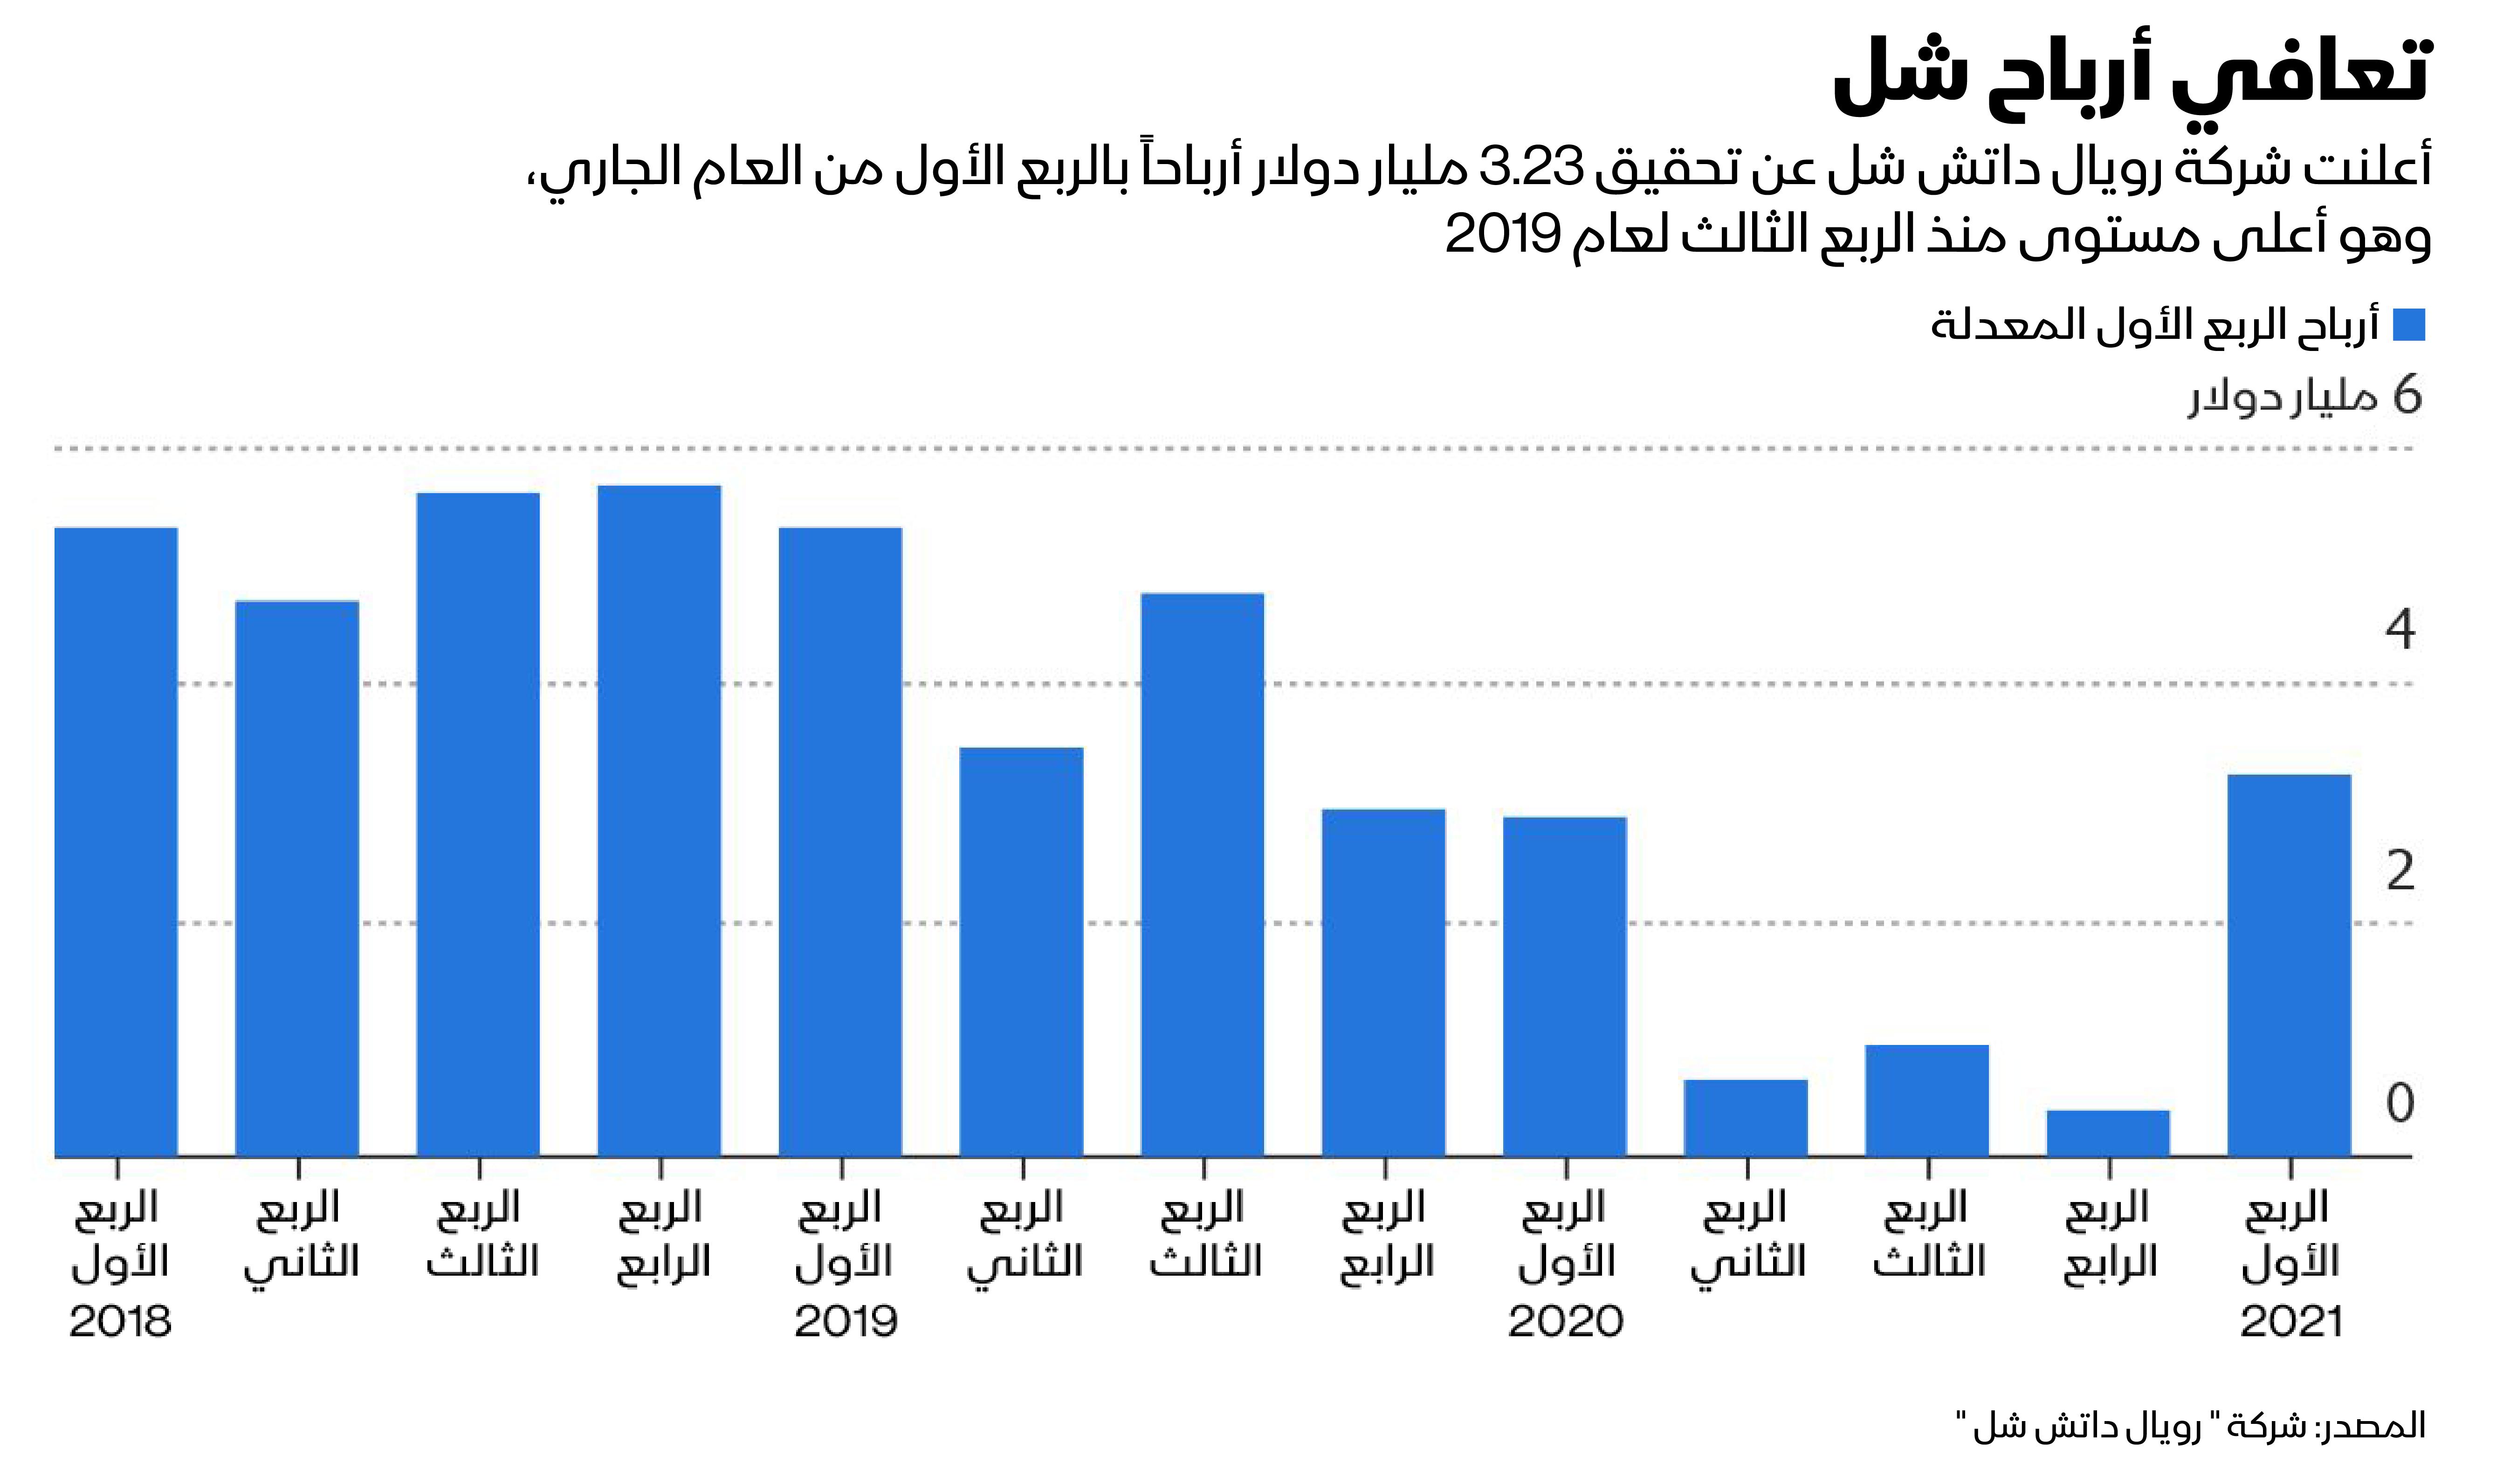 أرباح شل في الربع الأول من 2021 الأعلى منذ الربع الثالث من عام 2019